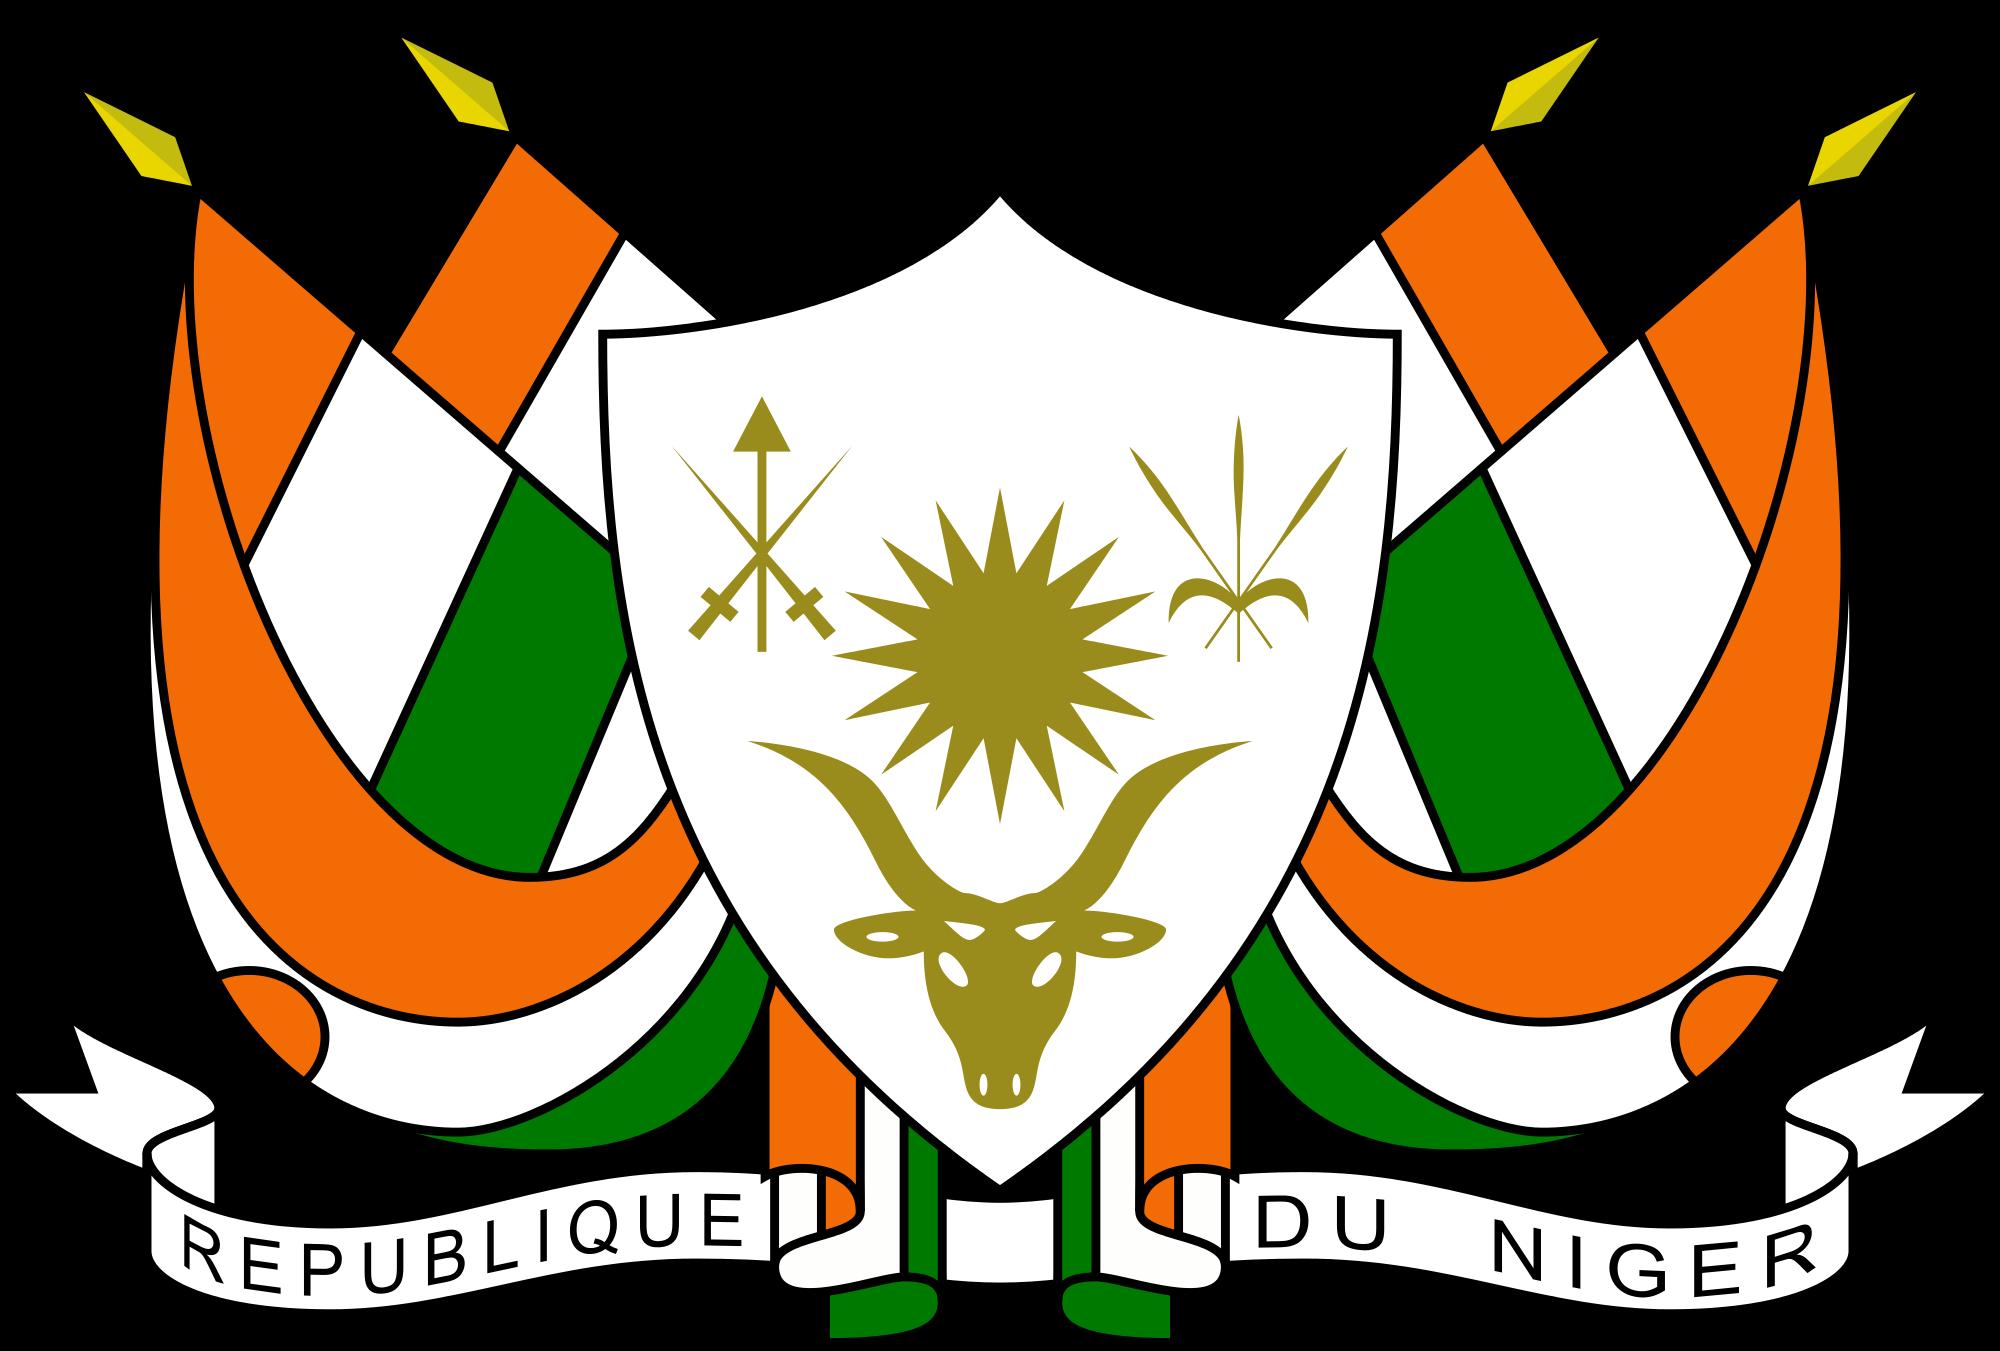 Nigerin vaakuna